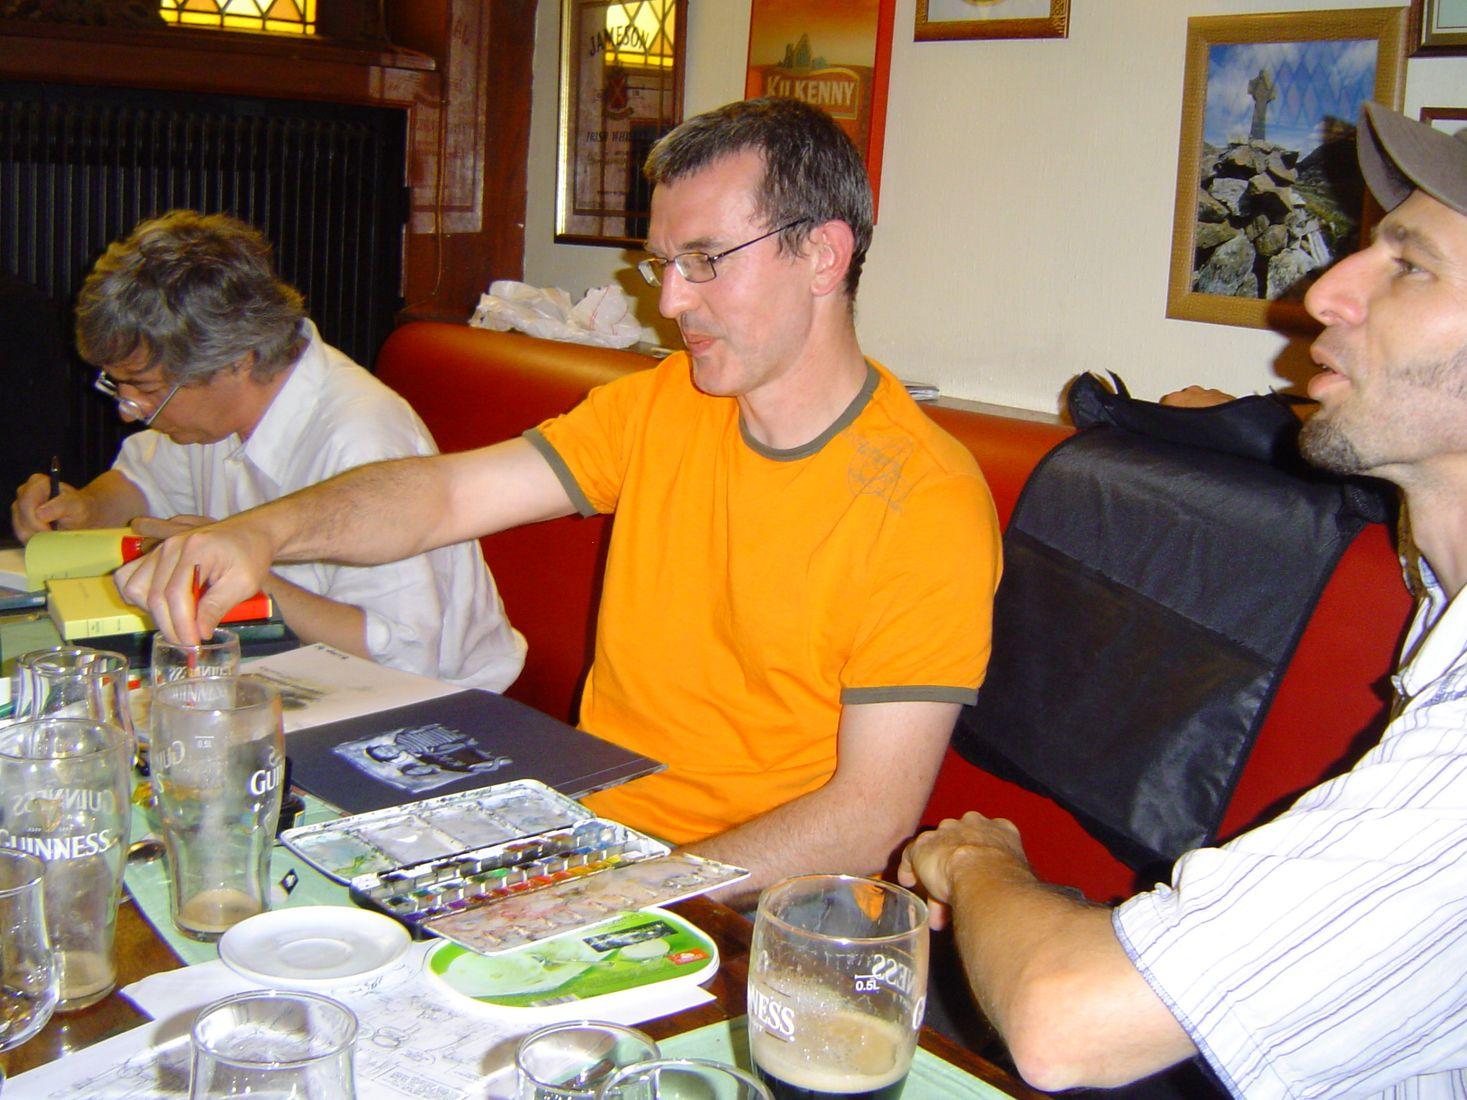 30 ans d'édition, par Sébastien Gnaedig, Chapitre 44 : Kris